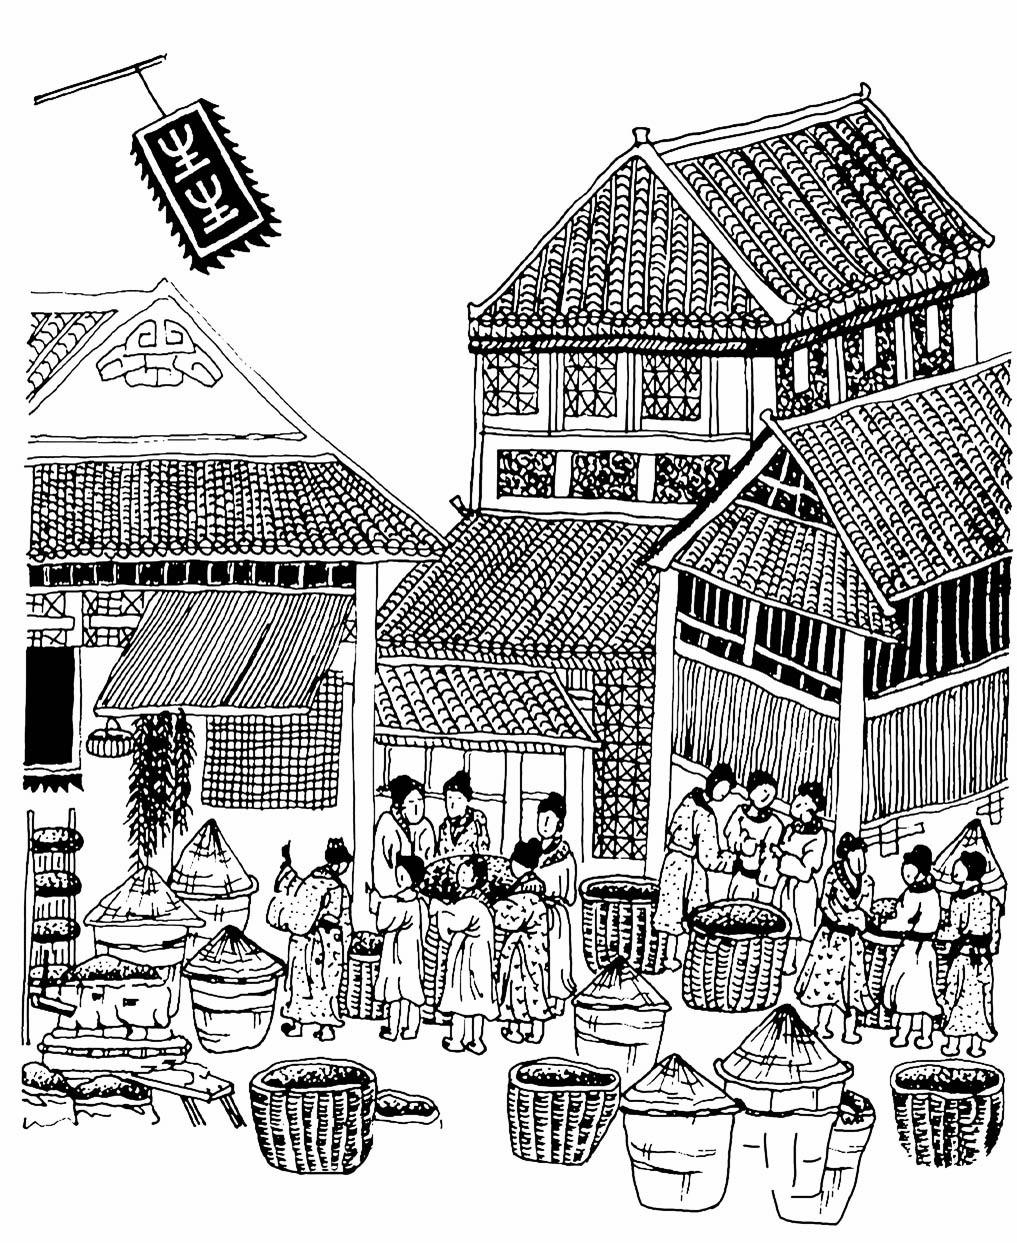 设计图库 动漫卡通 动漫人物    上传: 2014-3-26 大小: 2.